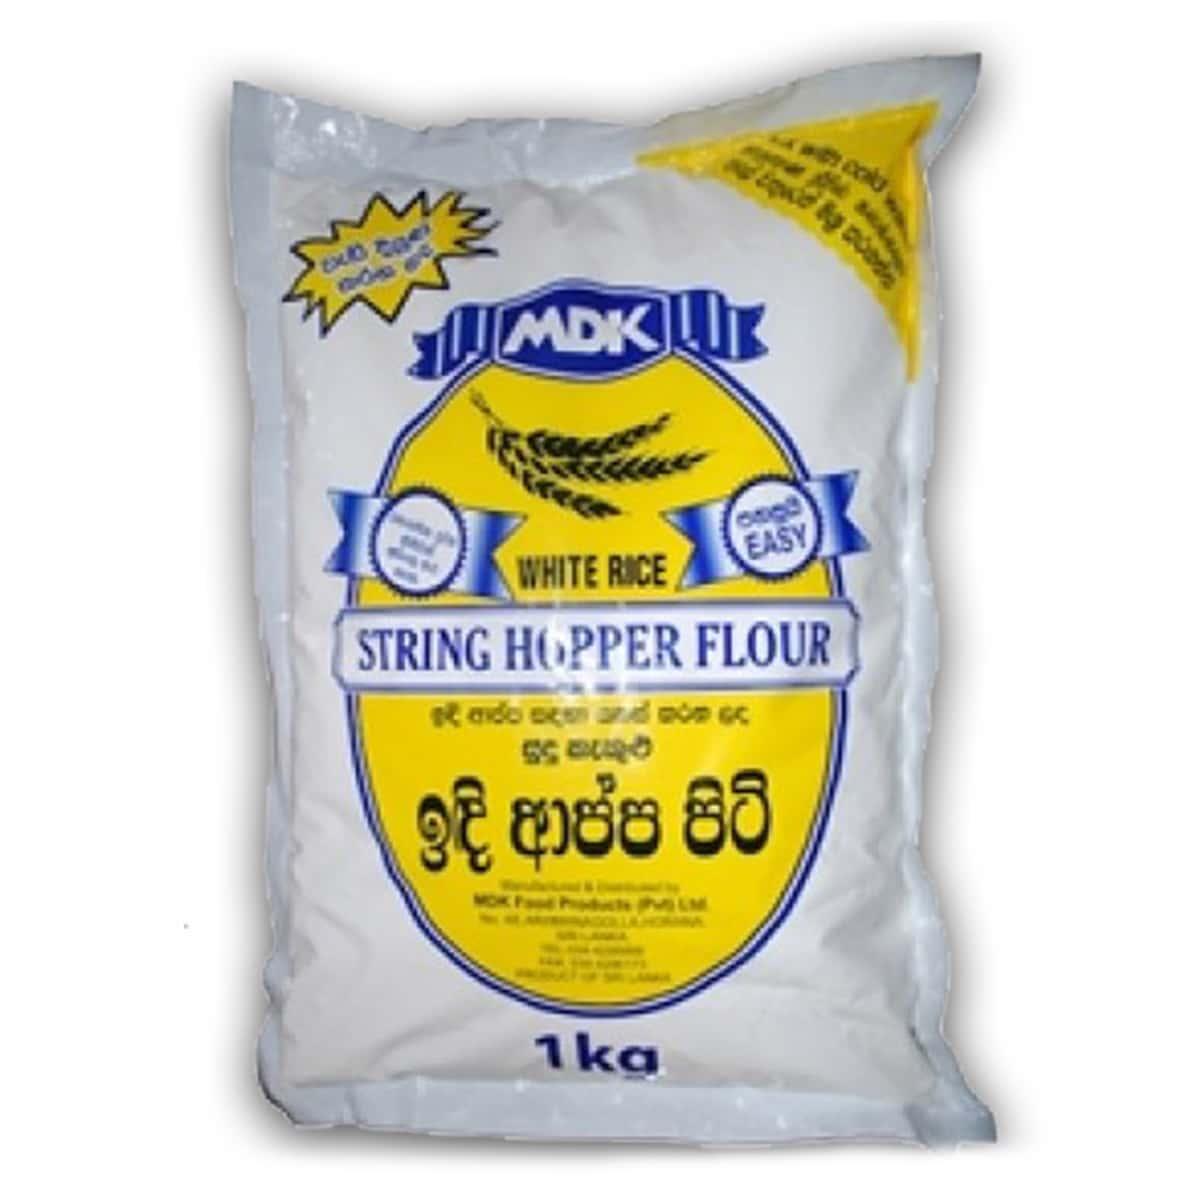 Buy MDK String Hoppers Flour (White Rice) - 1 kg